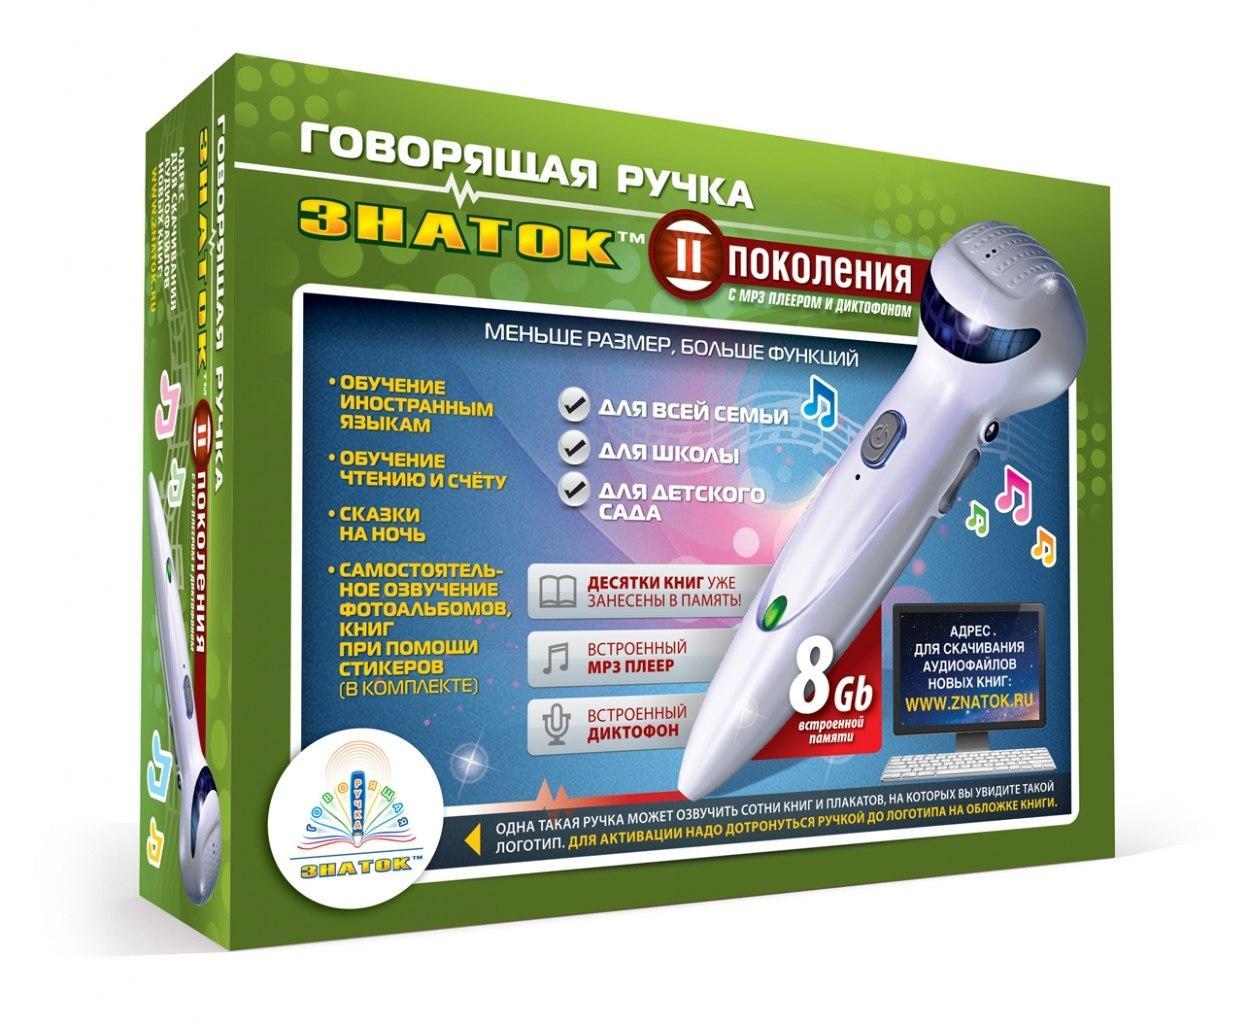 Купить Набор ЗНАТОК ZP-70695 Говорящая ручка 8Гб + аудиостикеры (зеленая коробка), Знаток